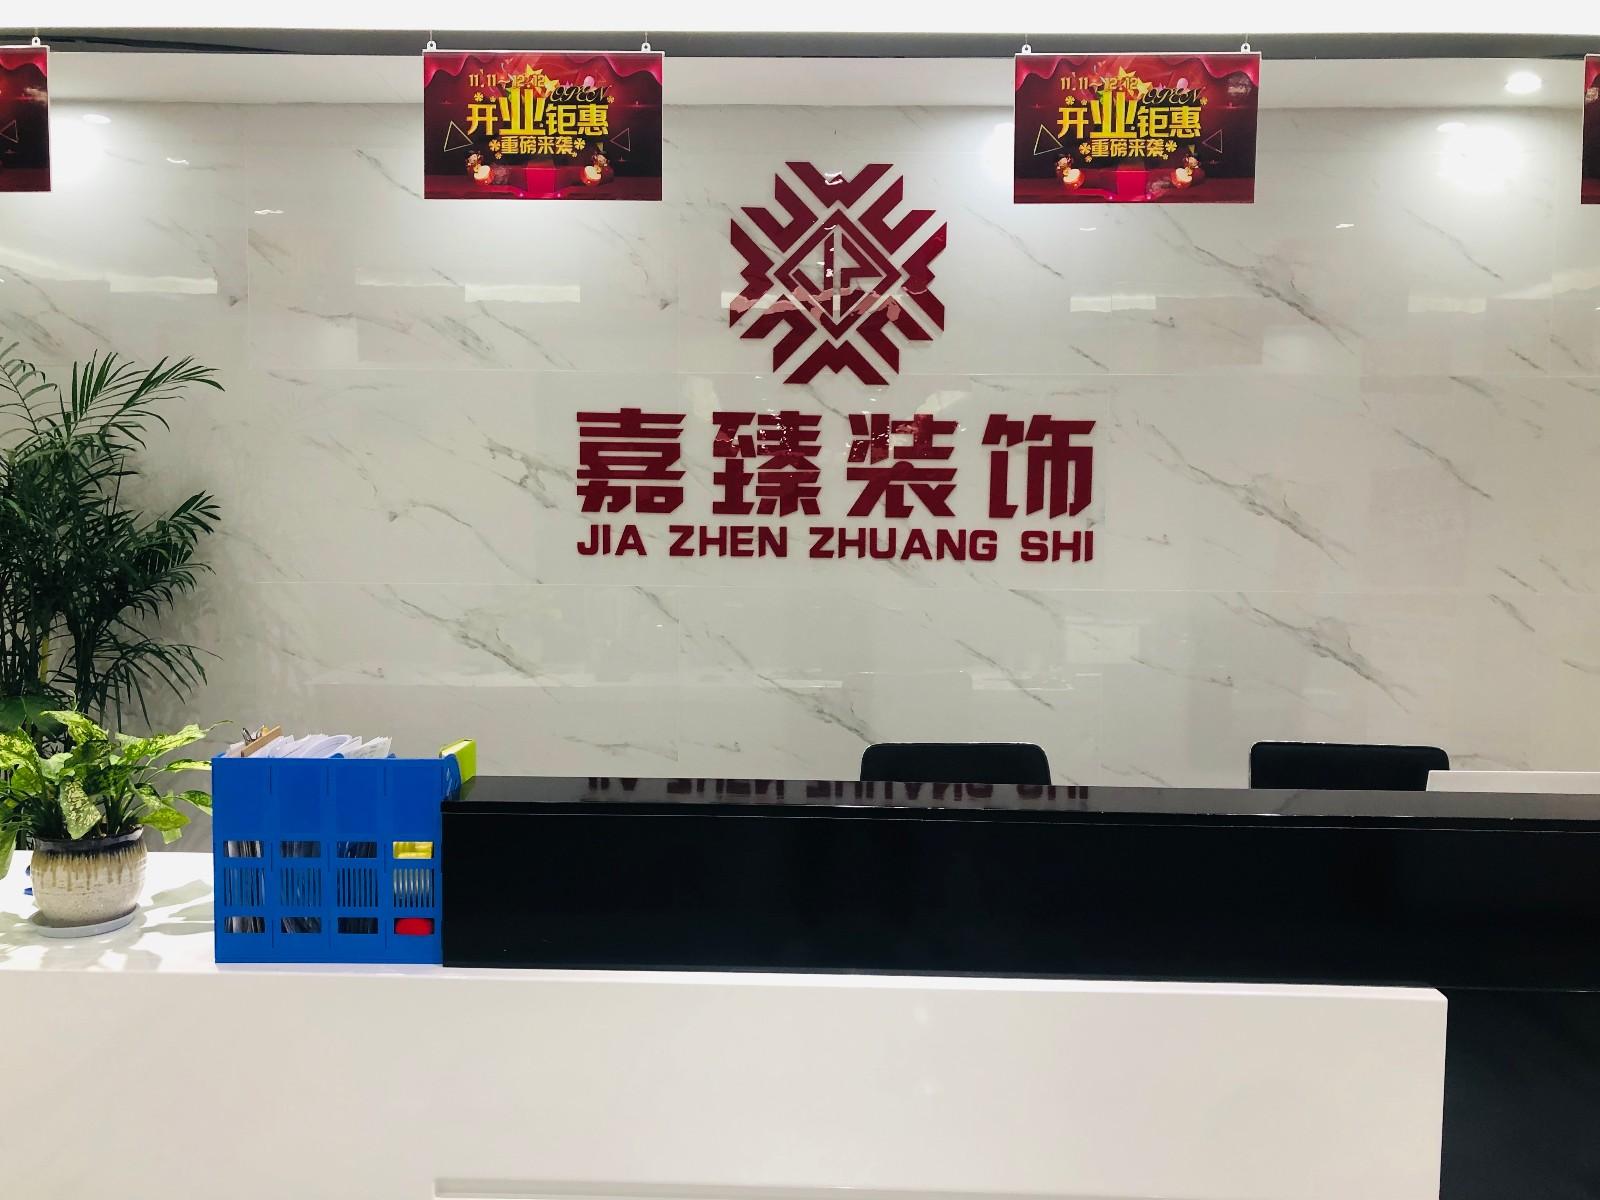 南京嘉臻装饰工程有限公司